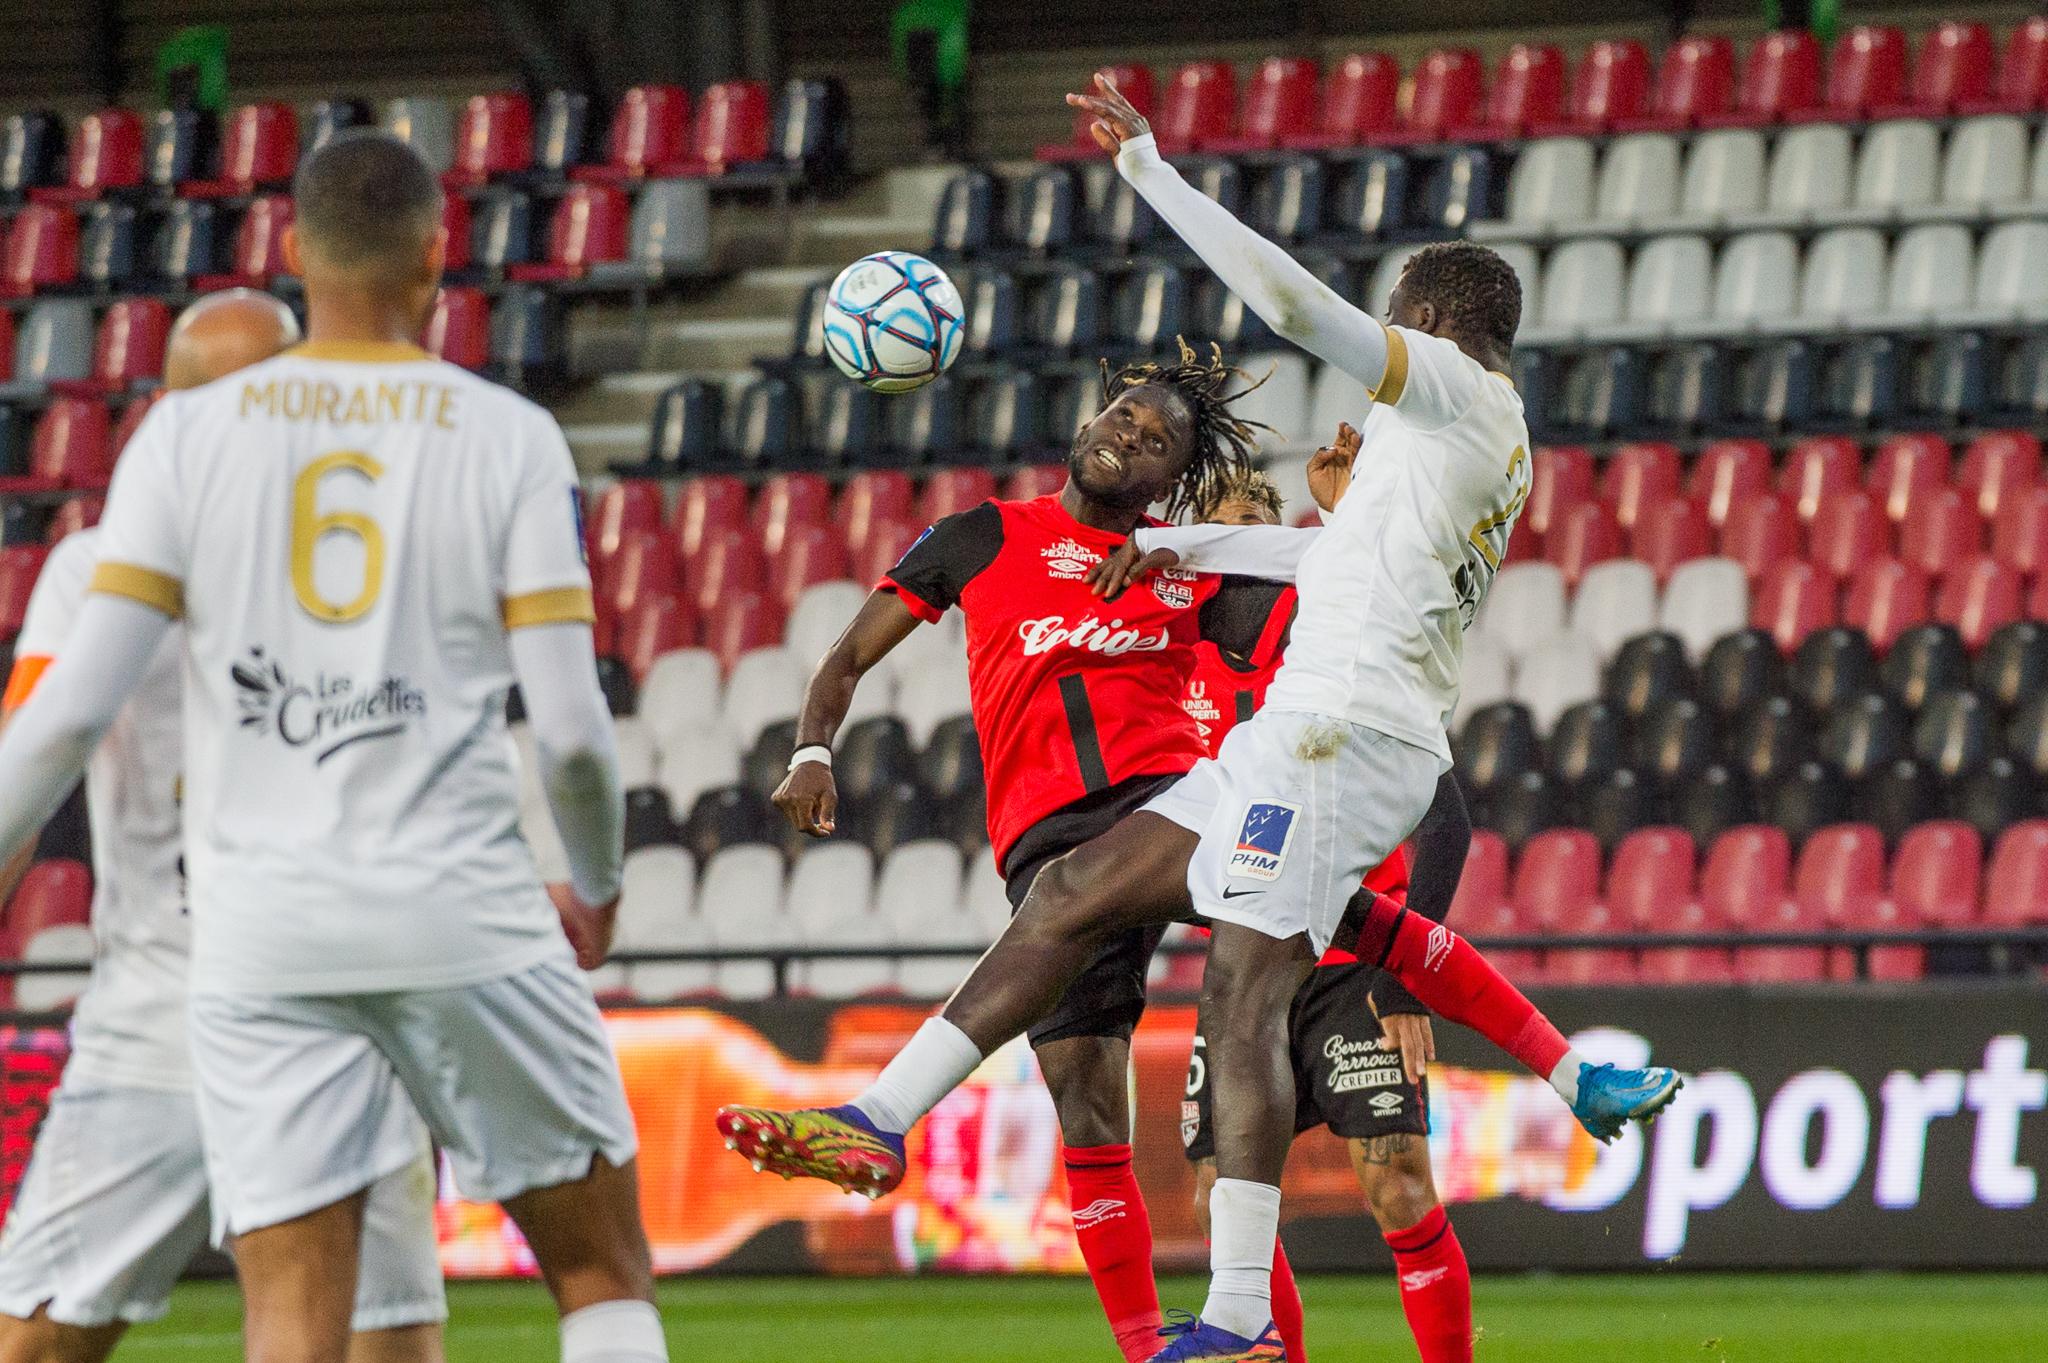 EA Guingamp La Berrichonne Châteauroux J37 Ligue 2 BKT EAGLBC 2-0 Stade de Roudourou FRA_5828